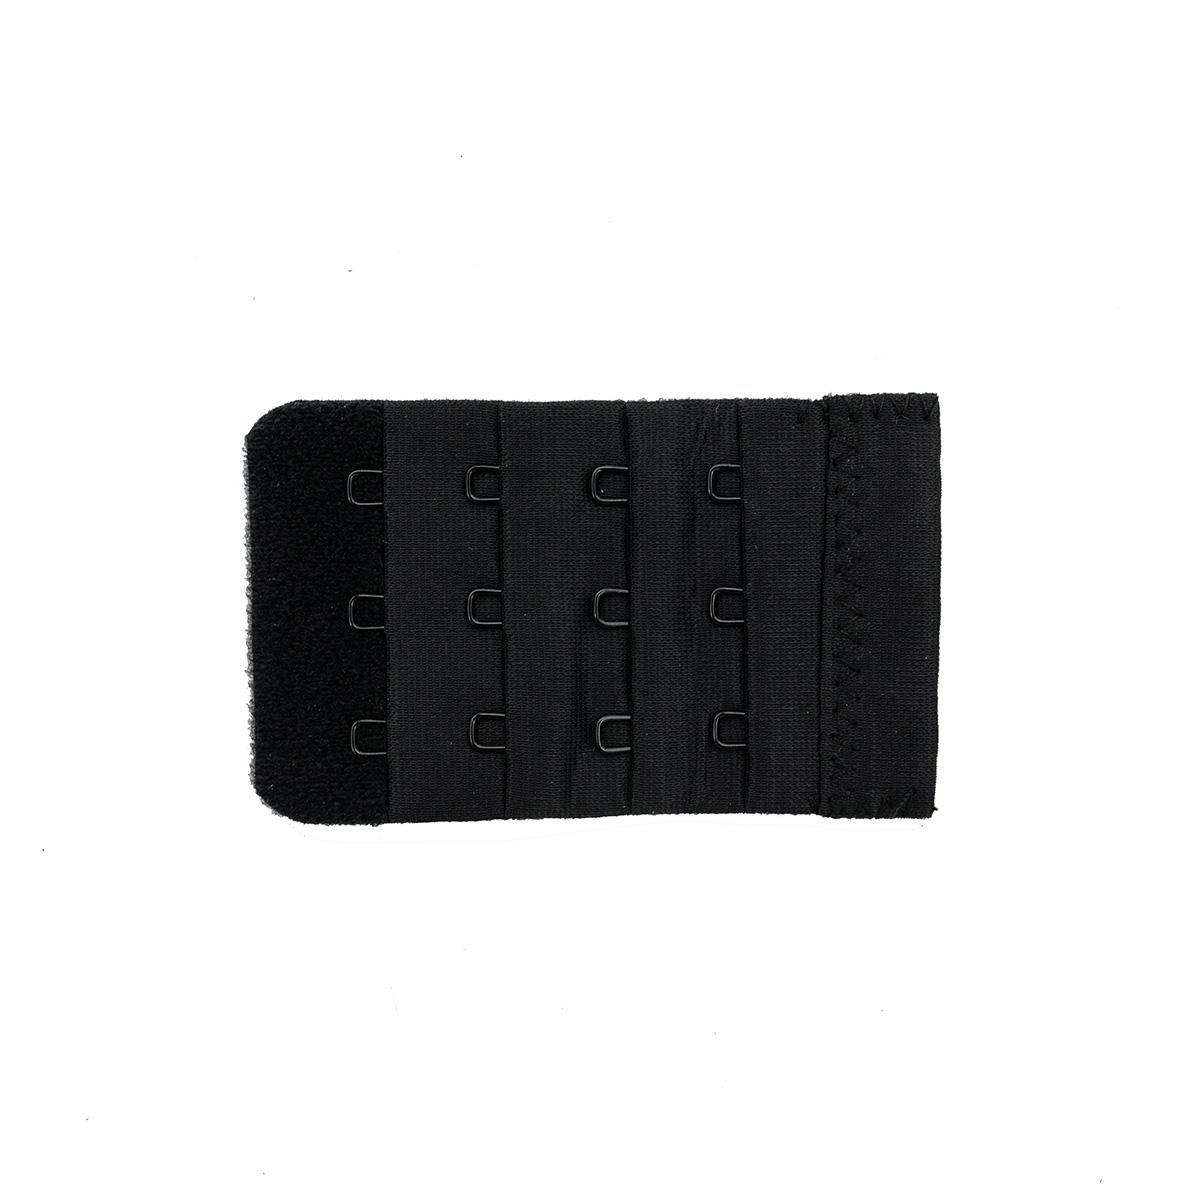 853001 Застежка для увеличения объема бюстгальтера, черный, 3 крючка, Hobby&Pro